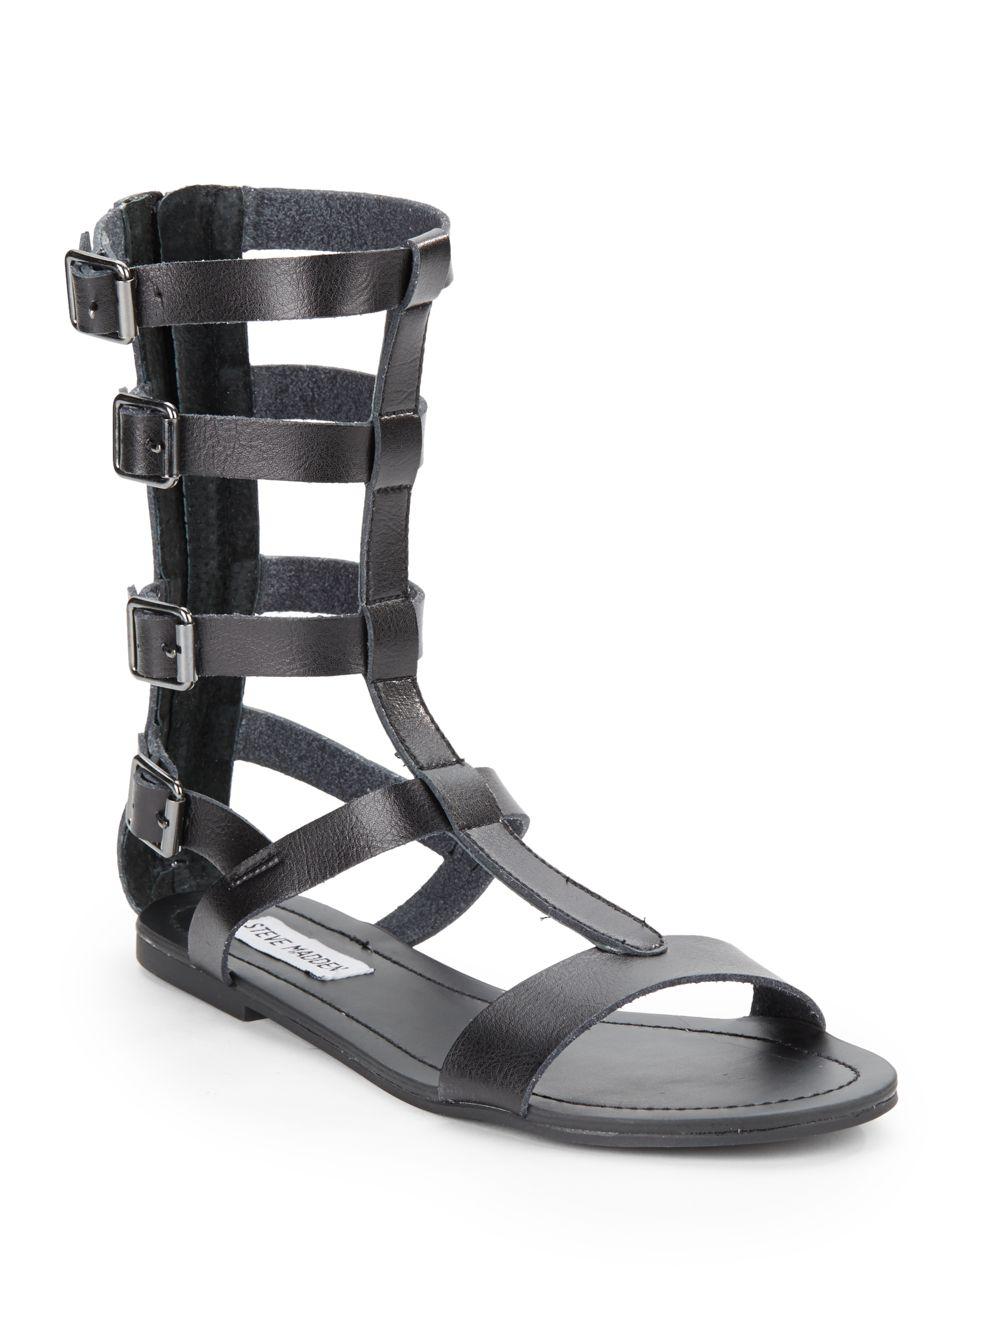 Steve Madden Gunterr Leather Gladiator Flat Sandals In